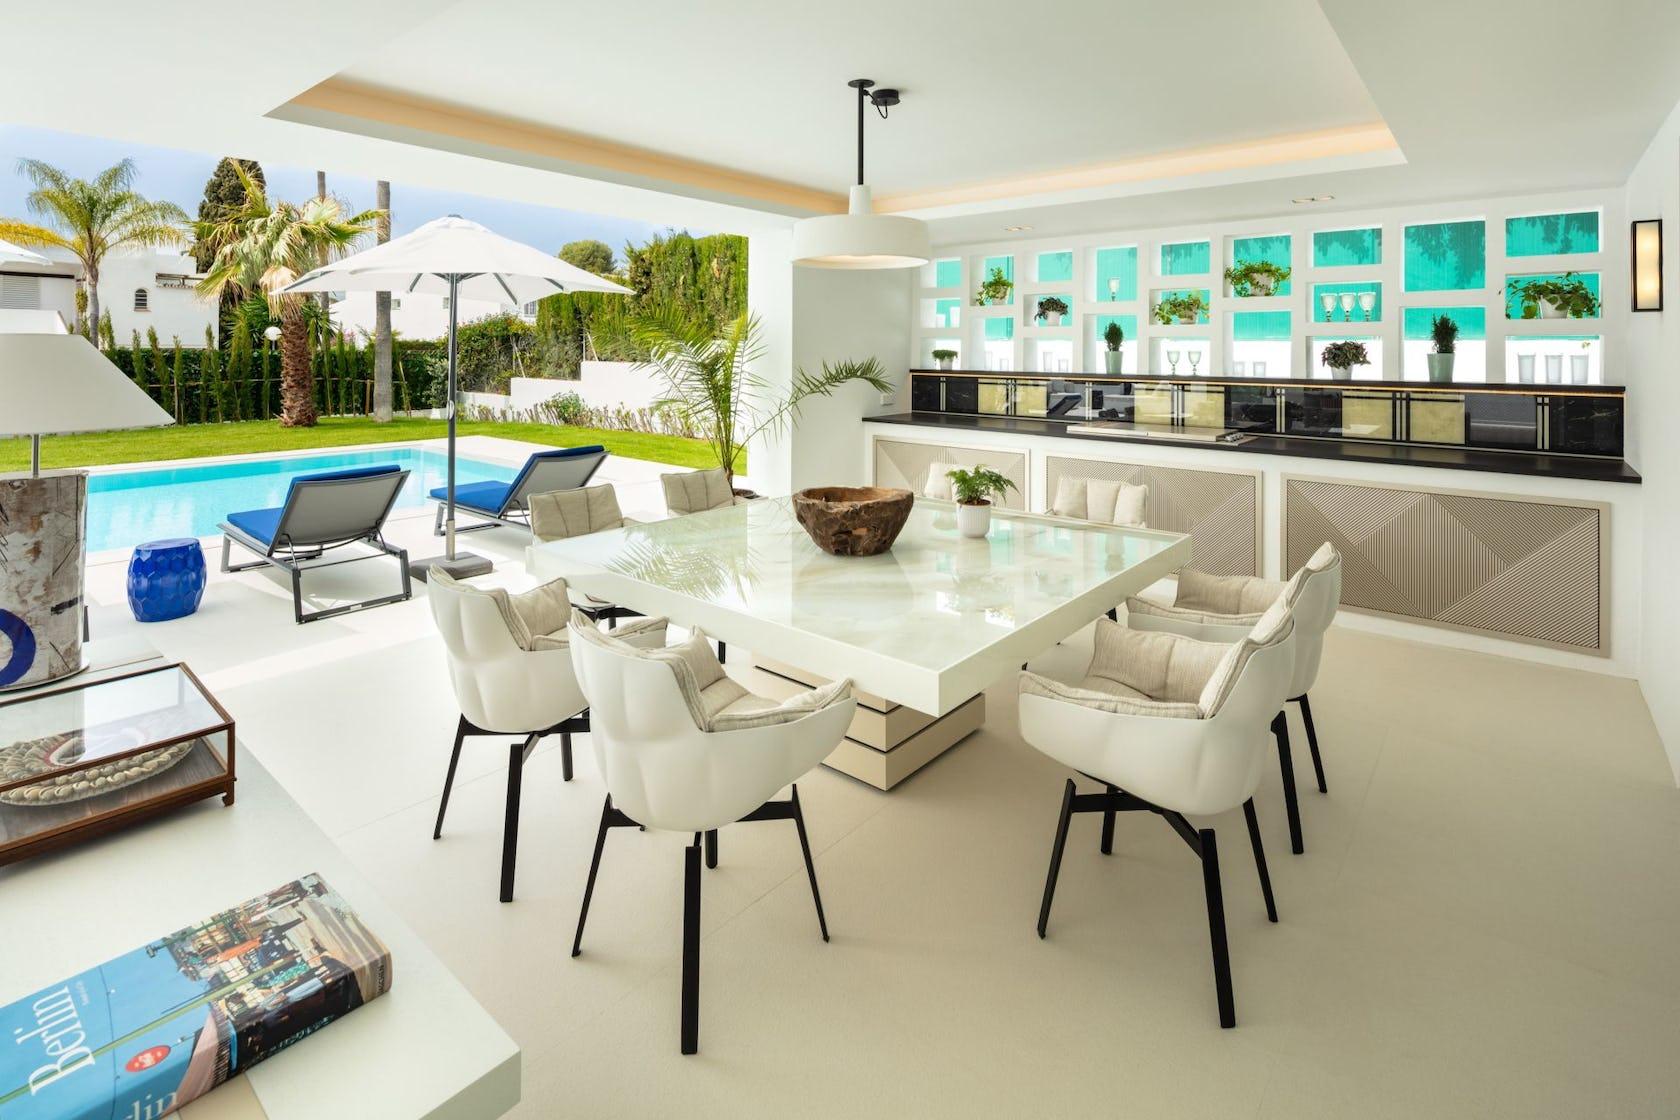 chair furniture interior design indoors room